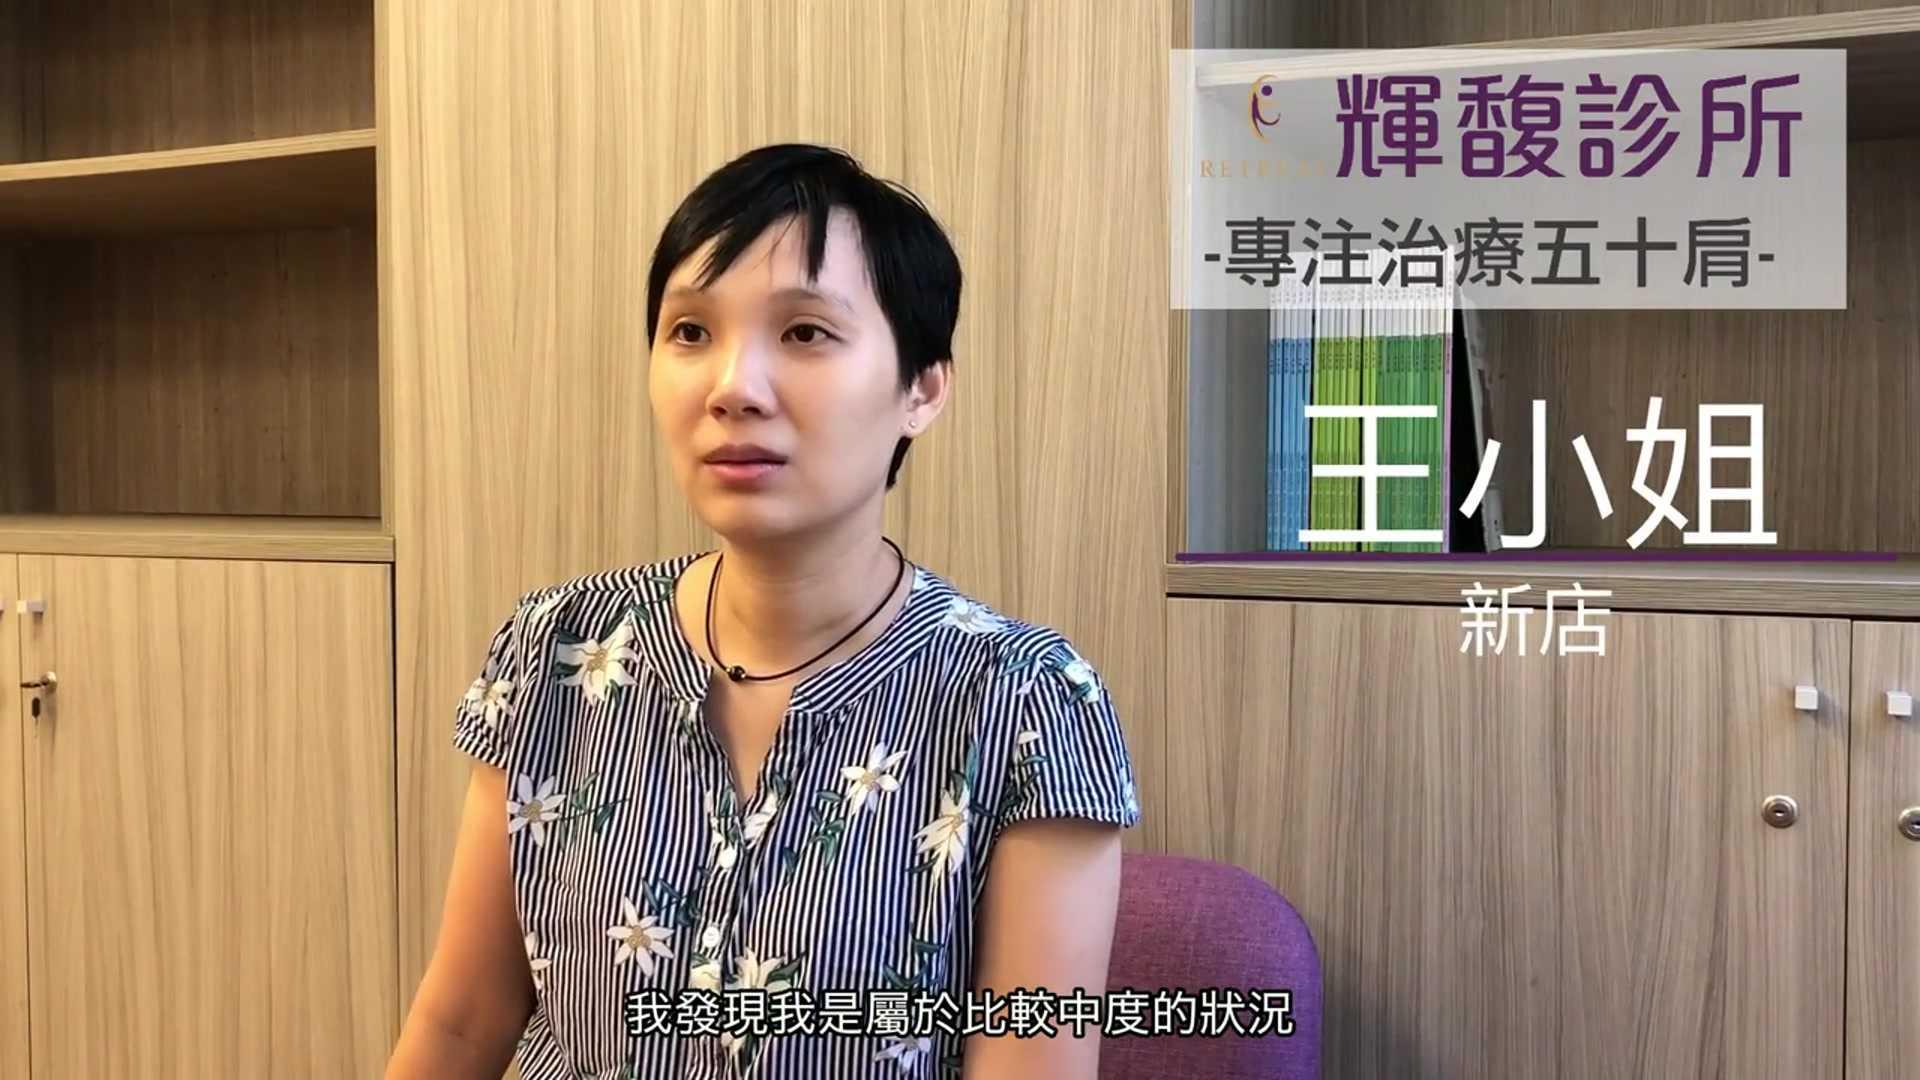 24 新店 王小姐 跟華佗許願我希望可以遇到可以治療五十肩的醫師